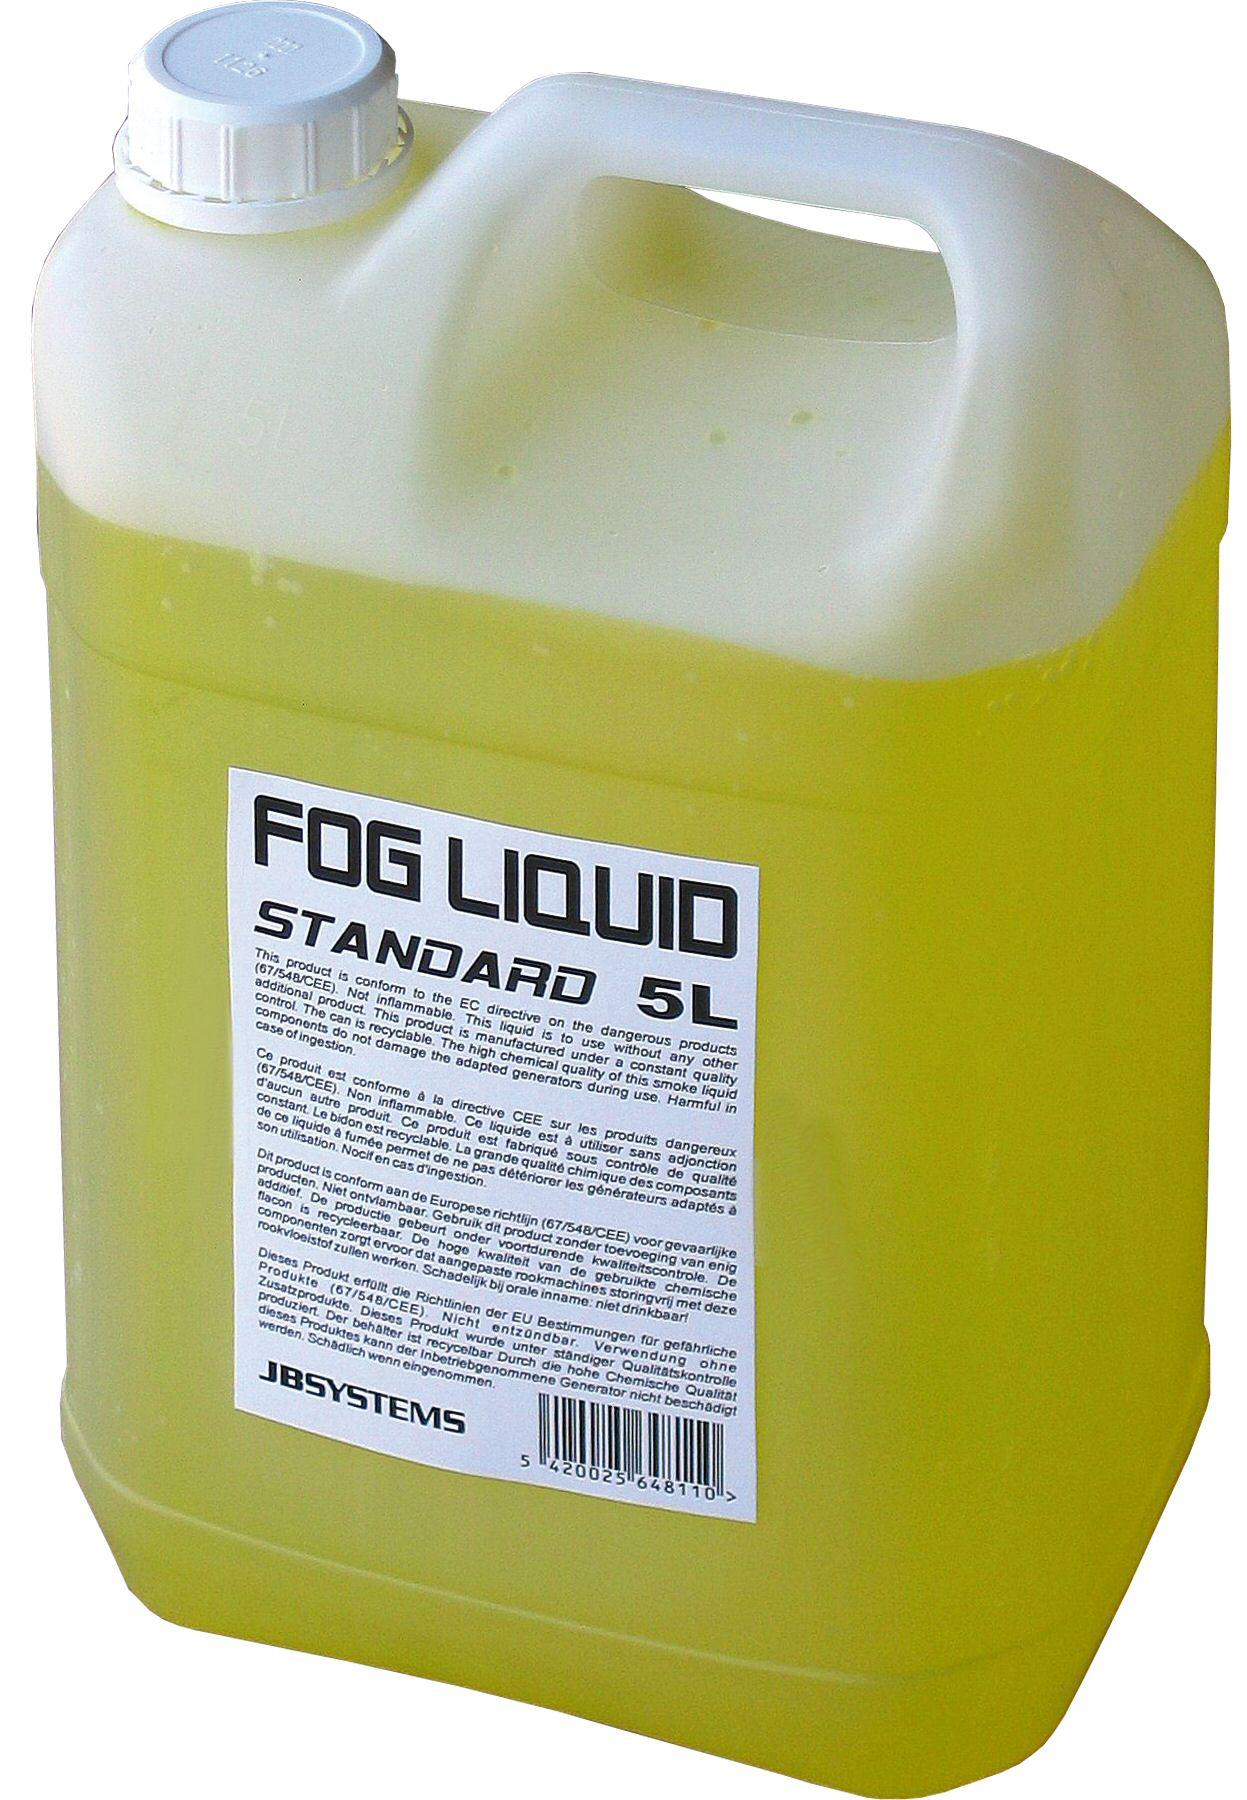 fog liquid std 5l